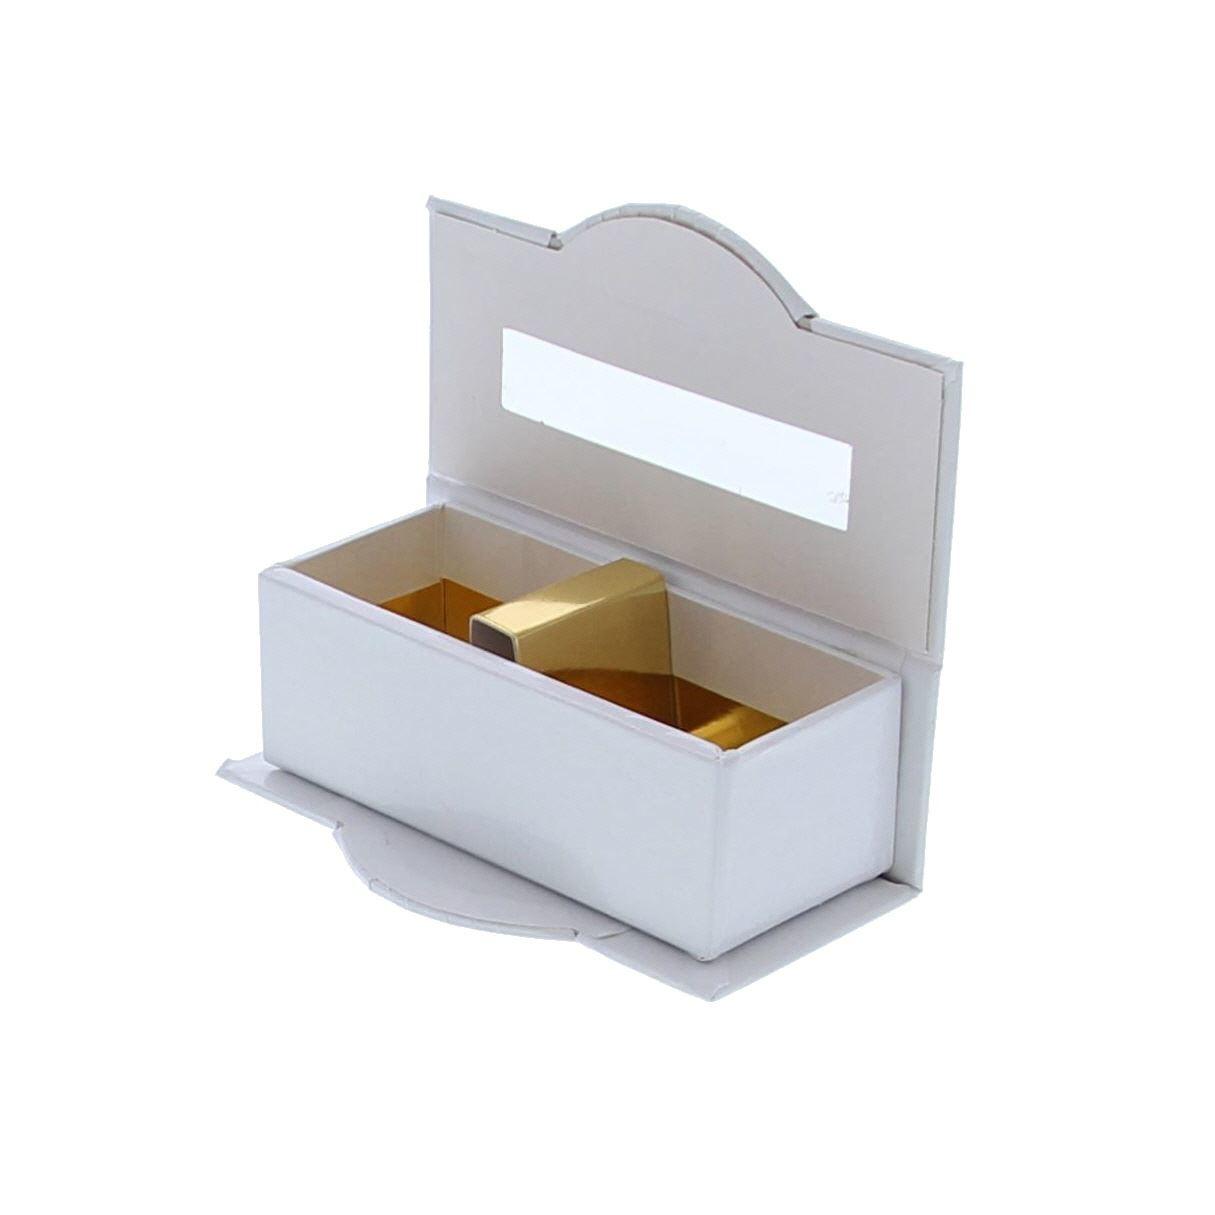 Venster doos 2 pralines Wit - 100 *55*35 mm - 50 stuks